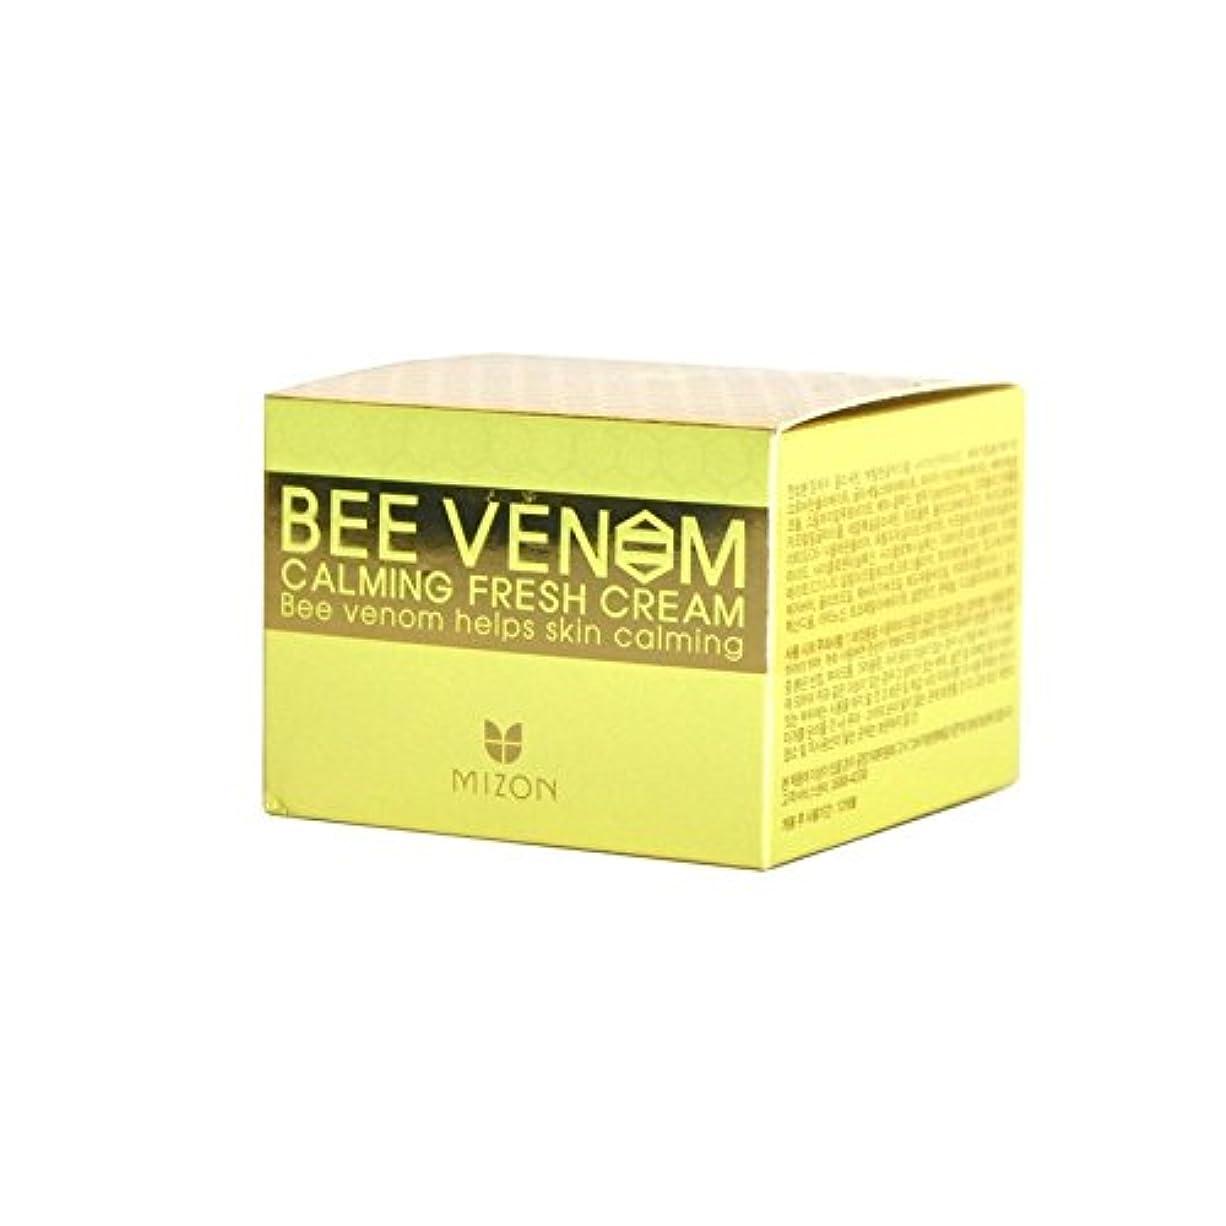 配送不注意避けるMizon Bee Venom Calming Fresh Cream - 生クリームを落ち着かせるのハチ毒 [並行輸入品]